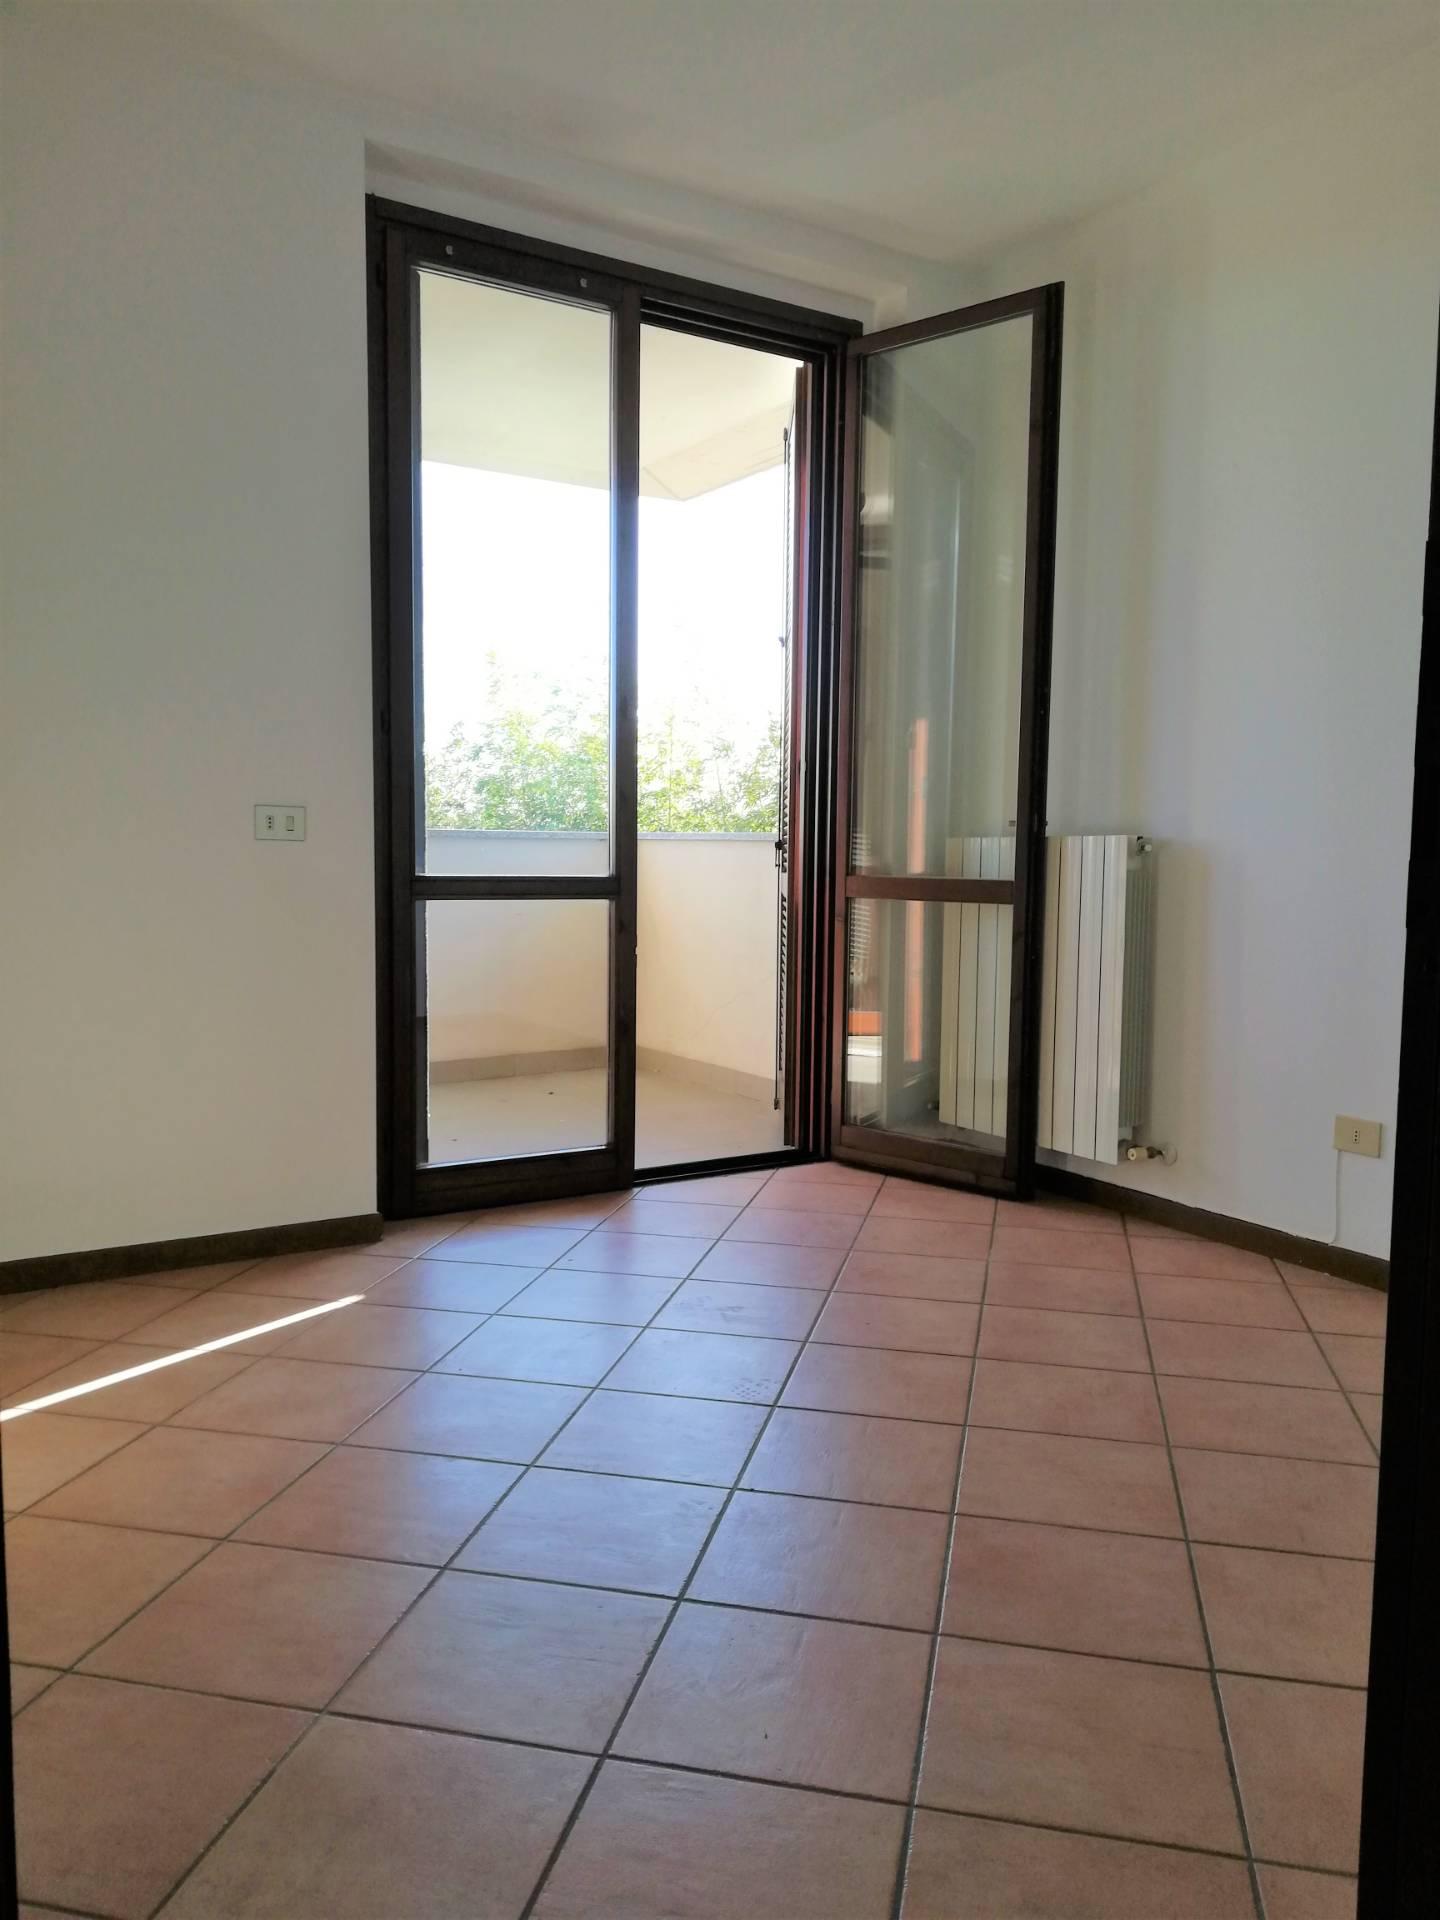 Appartamento in vendita a Casorate Primo, 3 locali, prezzo € 125.000 | CambioCasa.it